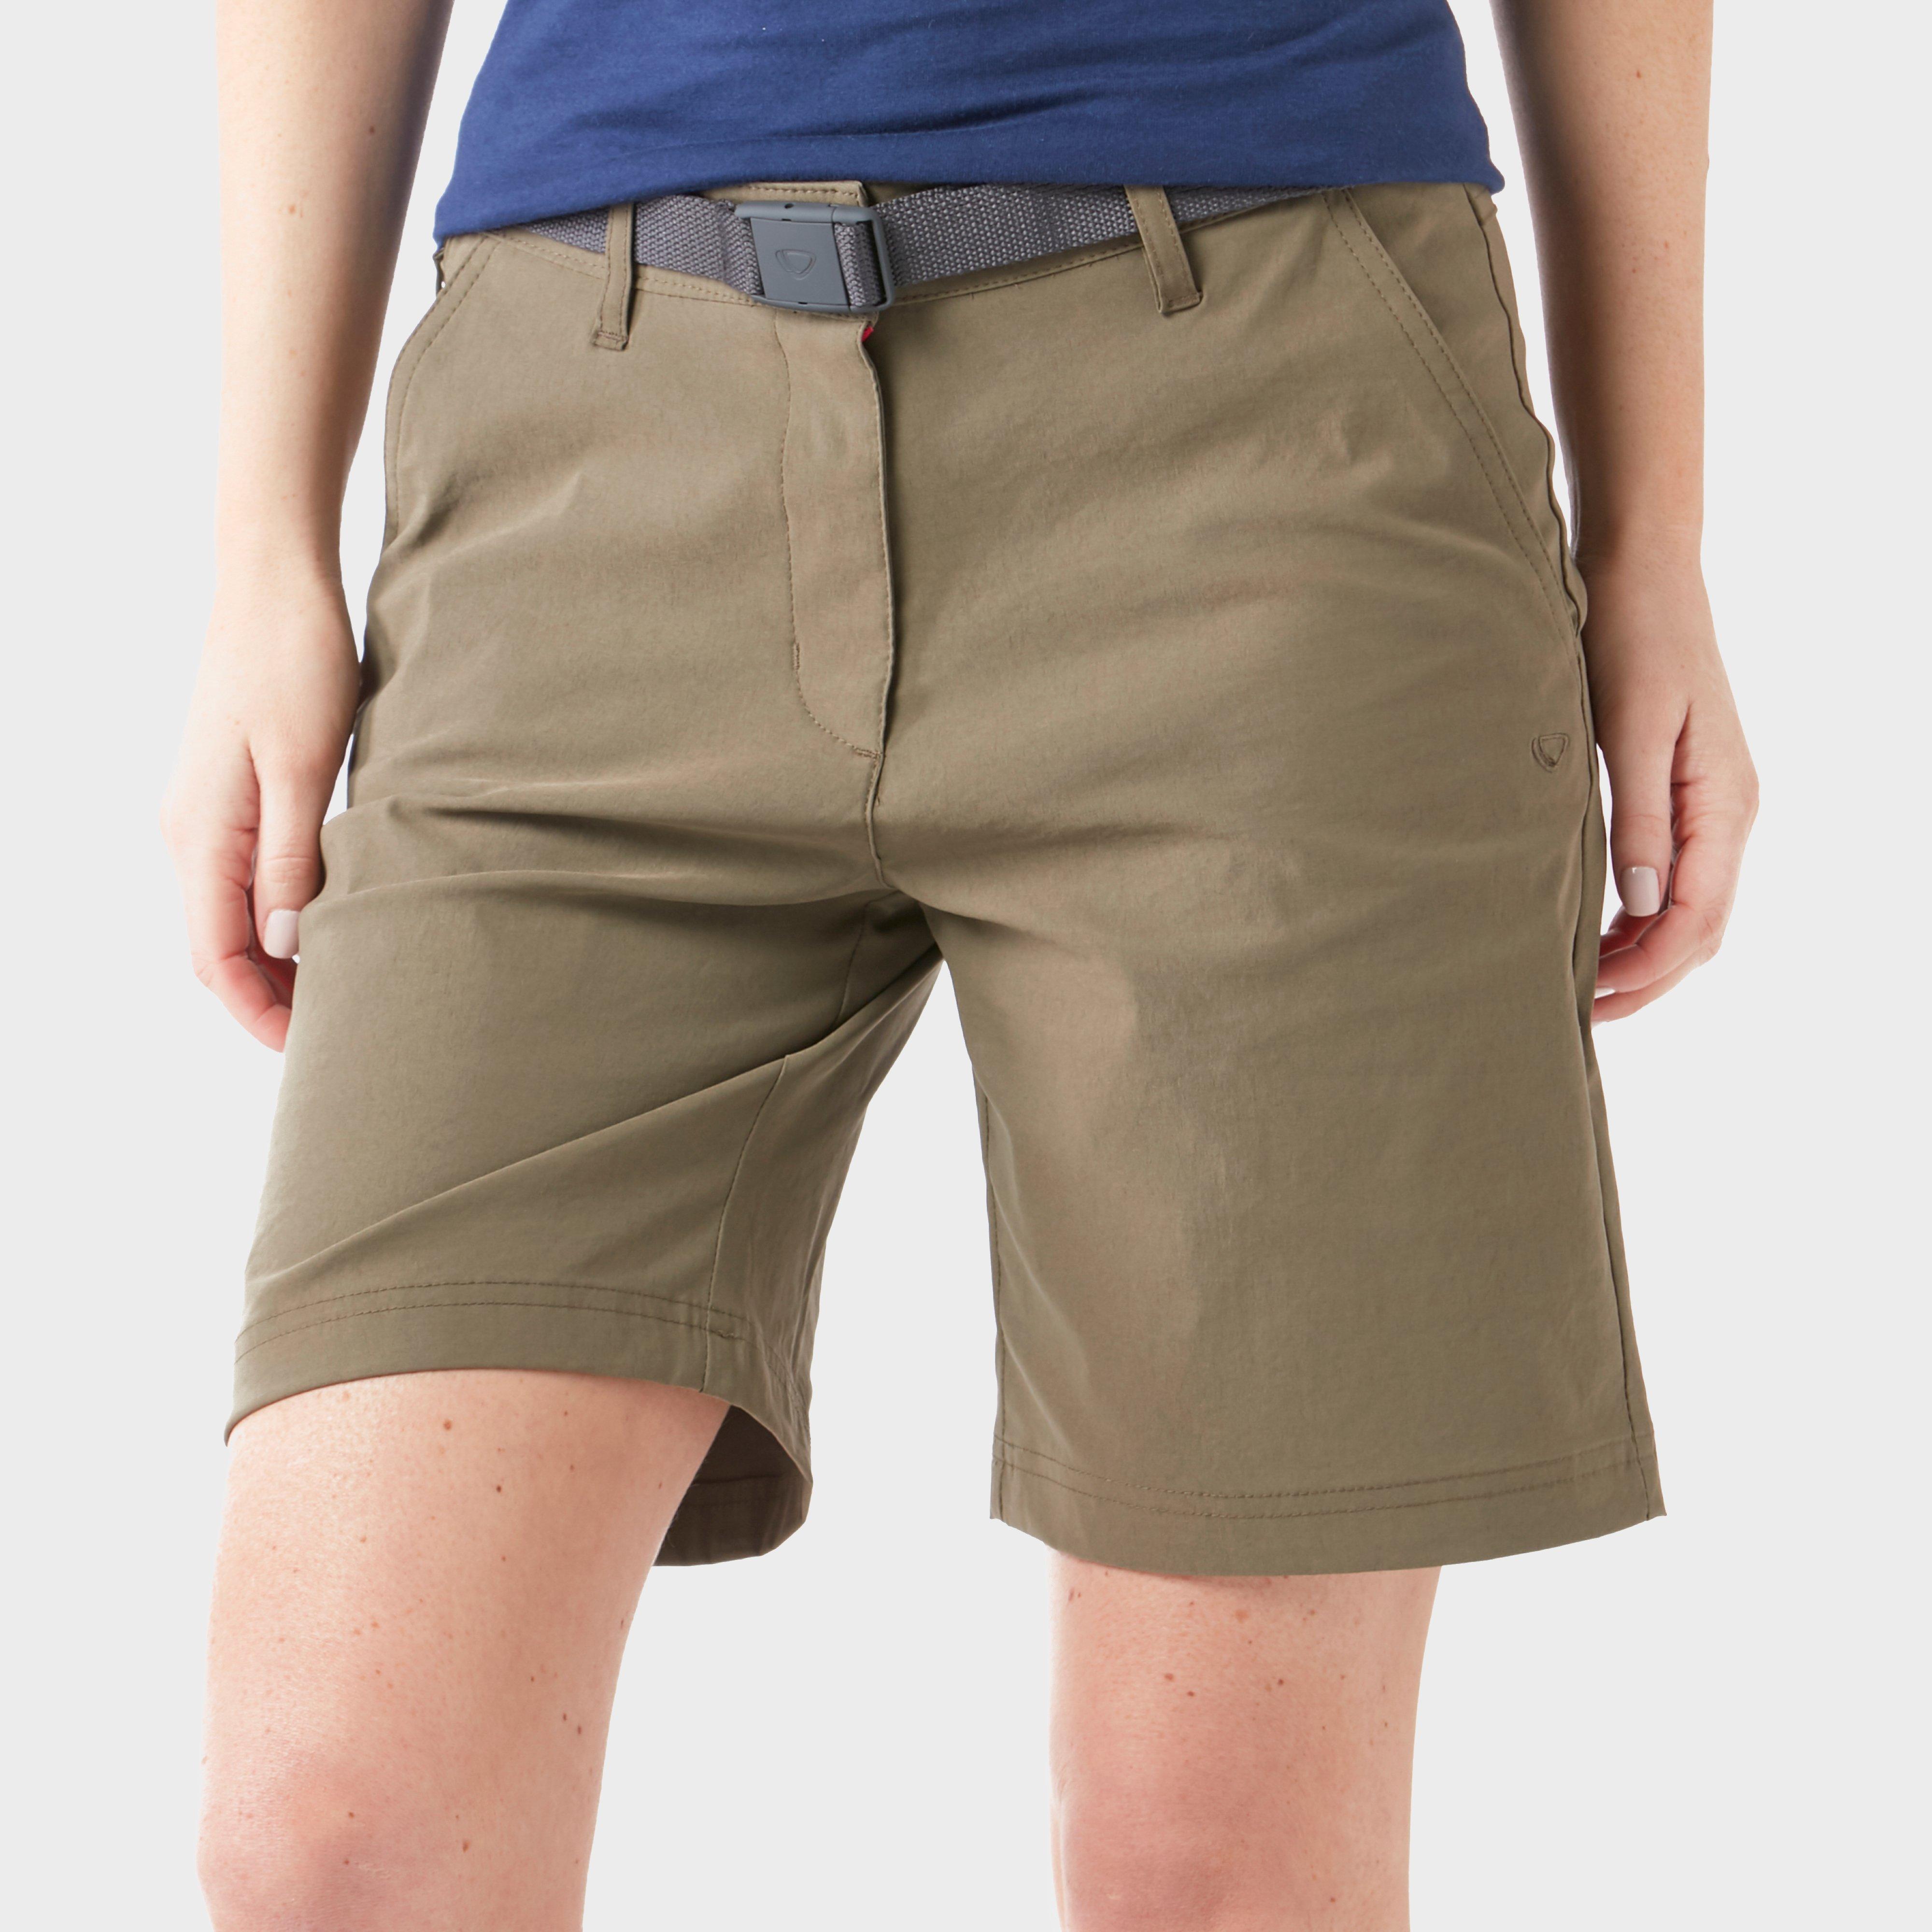 Brasher Brasher Womens Stretch Shorts - Khaki, Khaki